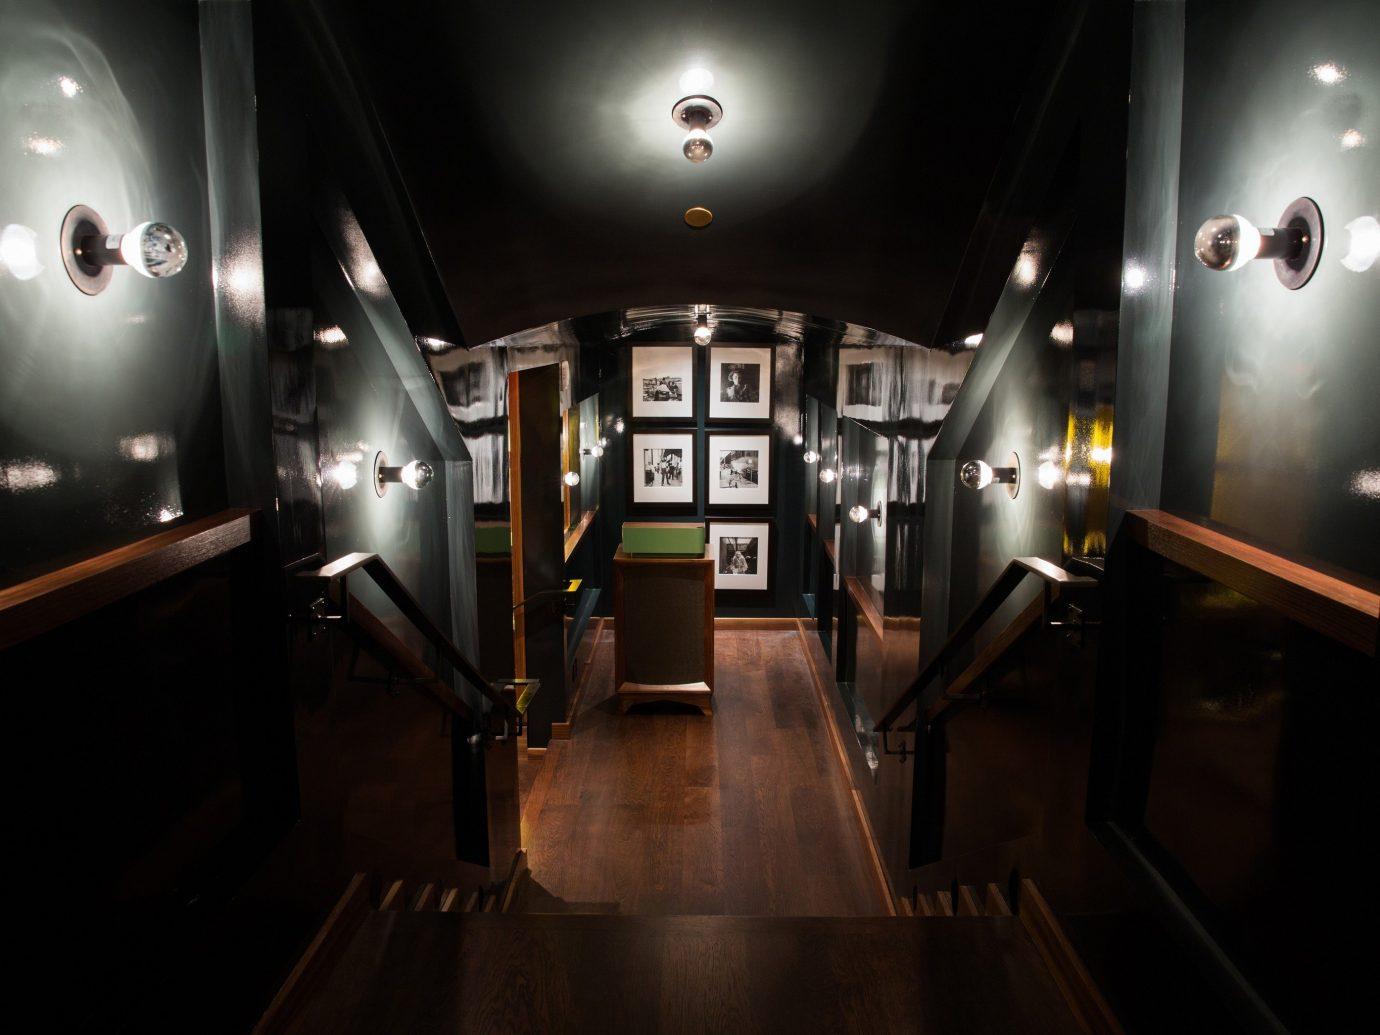 Food + Drink indoor floor ceiling darkness lighting screenshot interior design tourist attraction dark